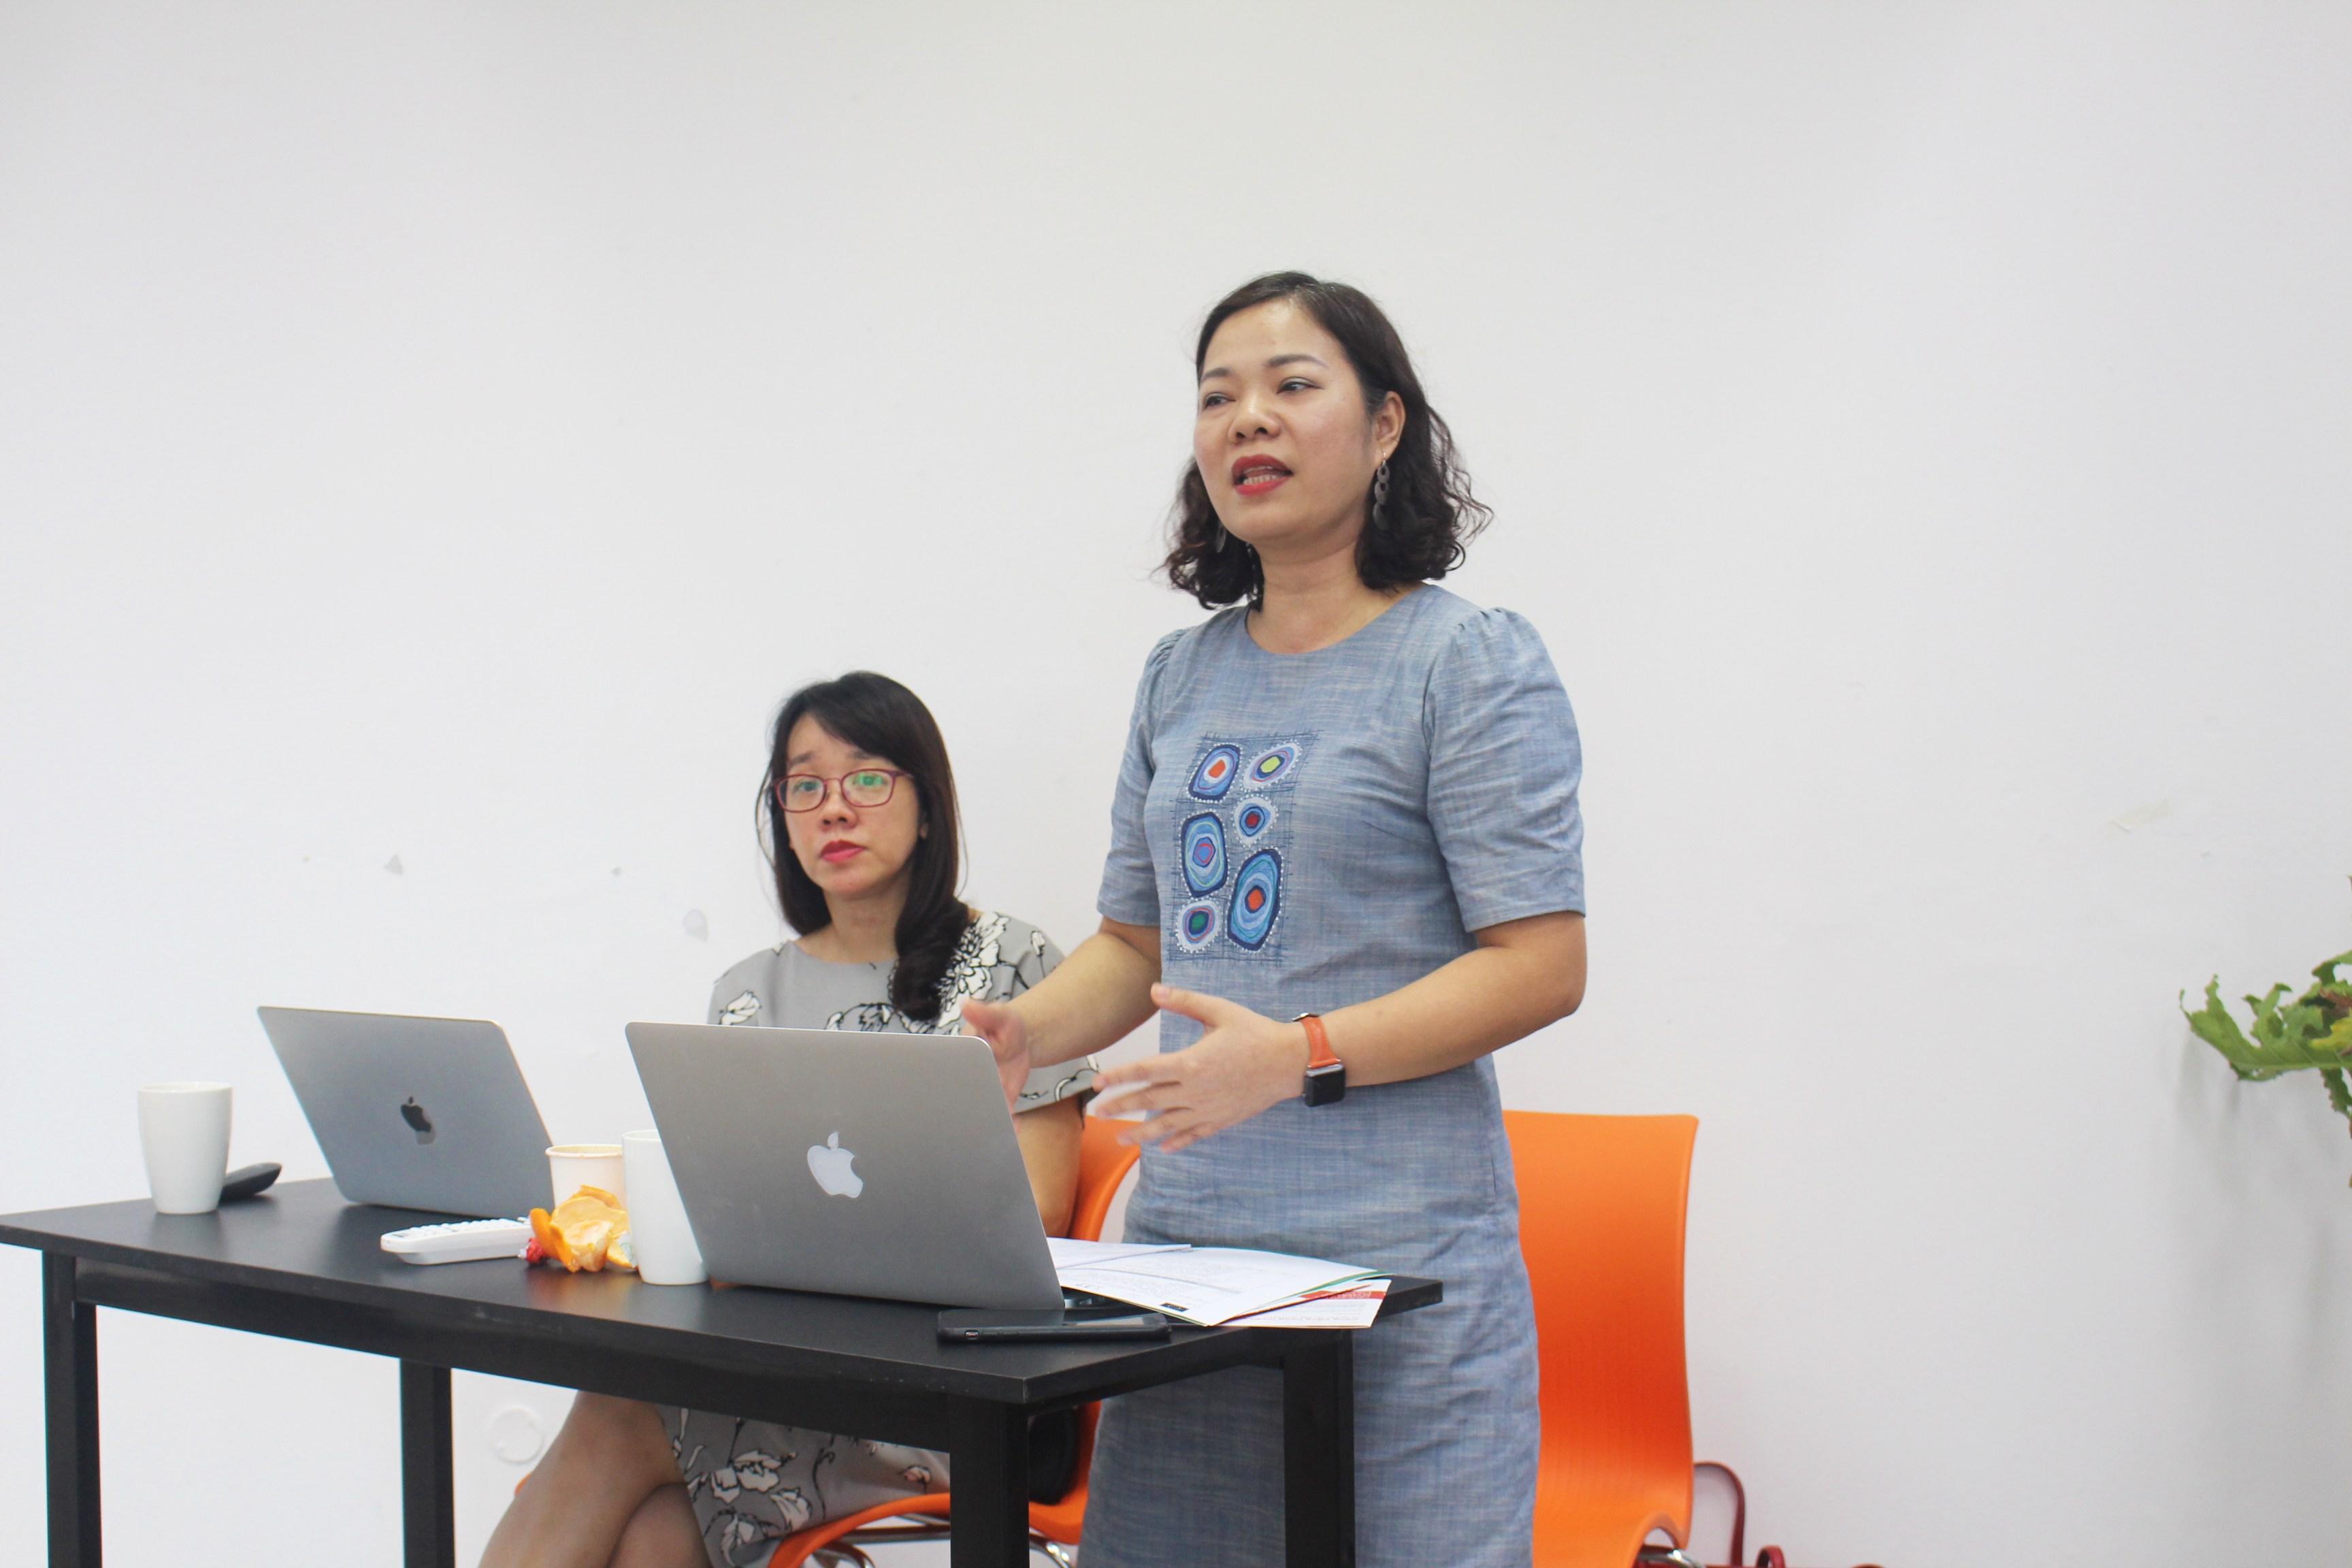 TS. Nguyễn Linh Giang (trái) và TS. Nguyễn Thị Thanh Hải tại buổi trình bày kết quả nghiên cứu sơ bộ hôm 20/7. Ảnh: BTC